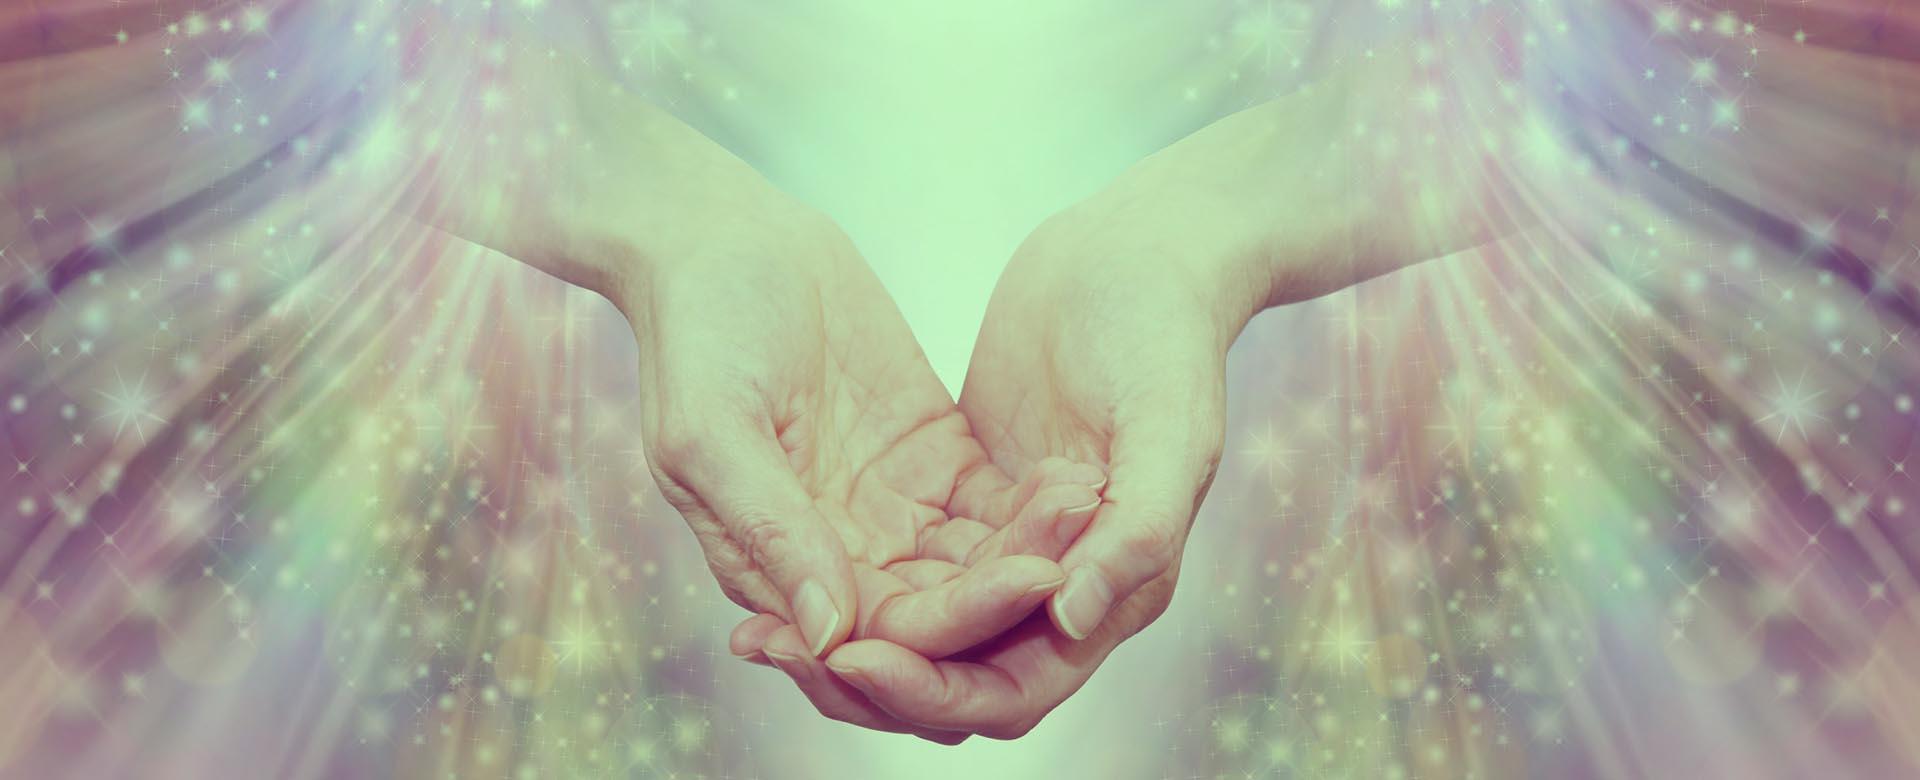 Karma Energy Healing, Home of Wellness